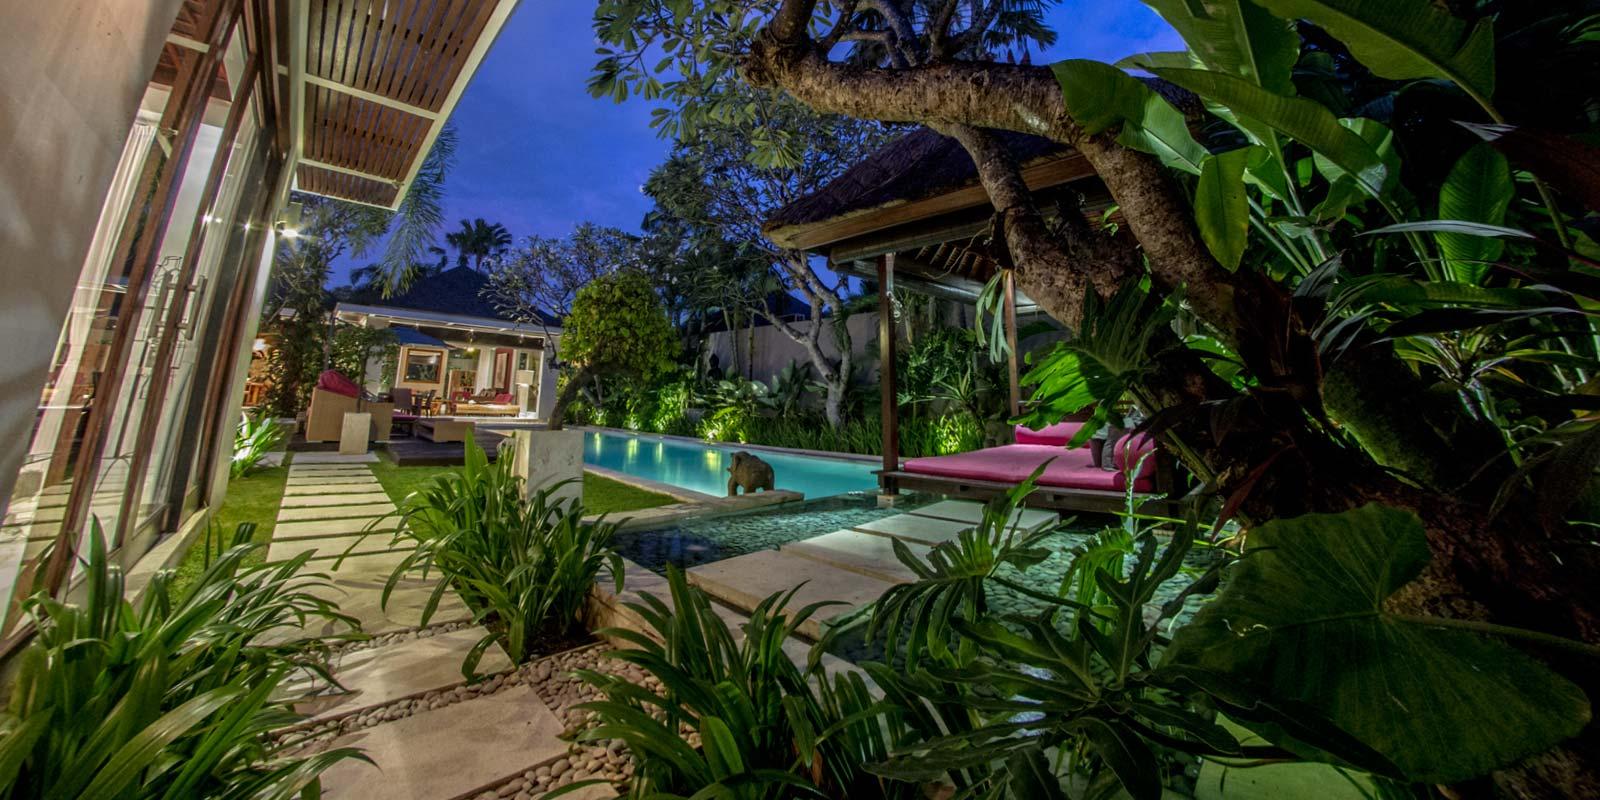 Taking a sneaky peek into Bali's super luxury villas